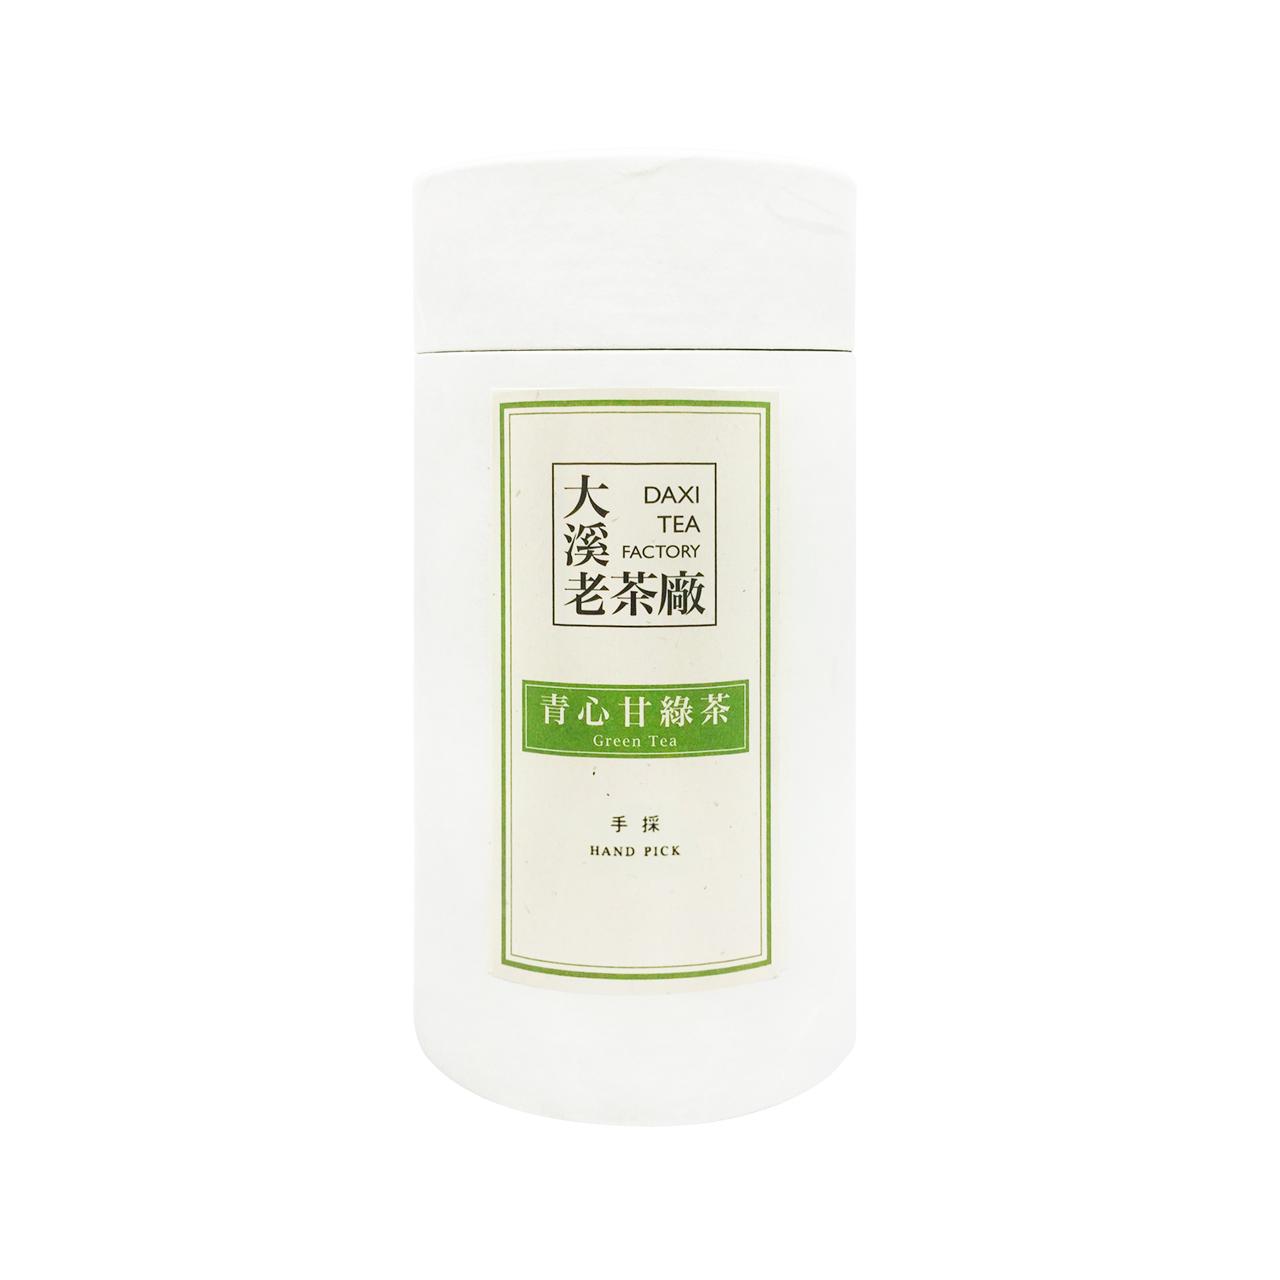 大溪-青心甘綠茶(手採)